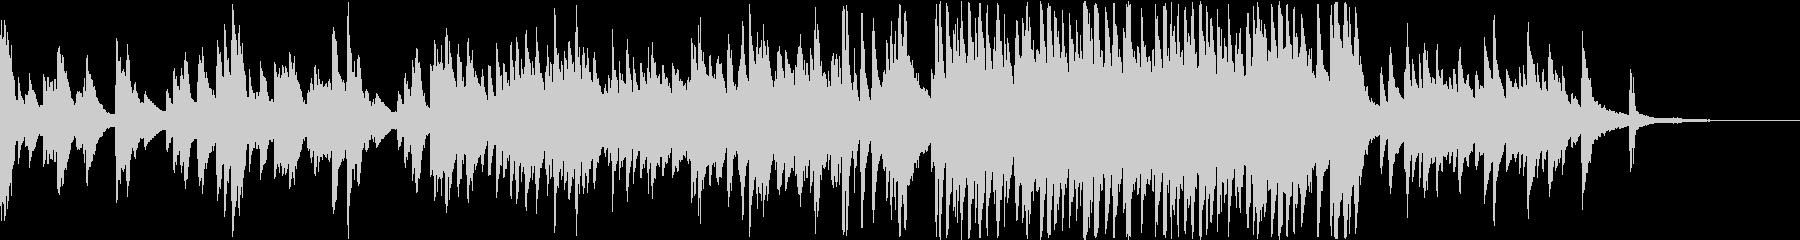 やさしいエンディング系ピアノソロの未再生の波形